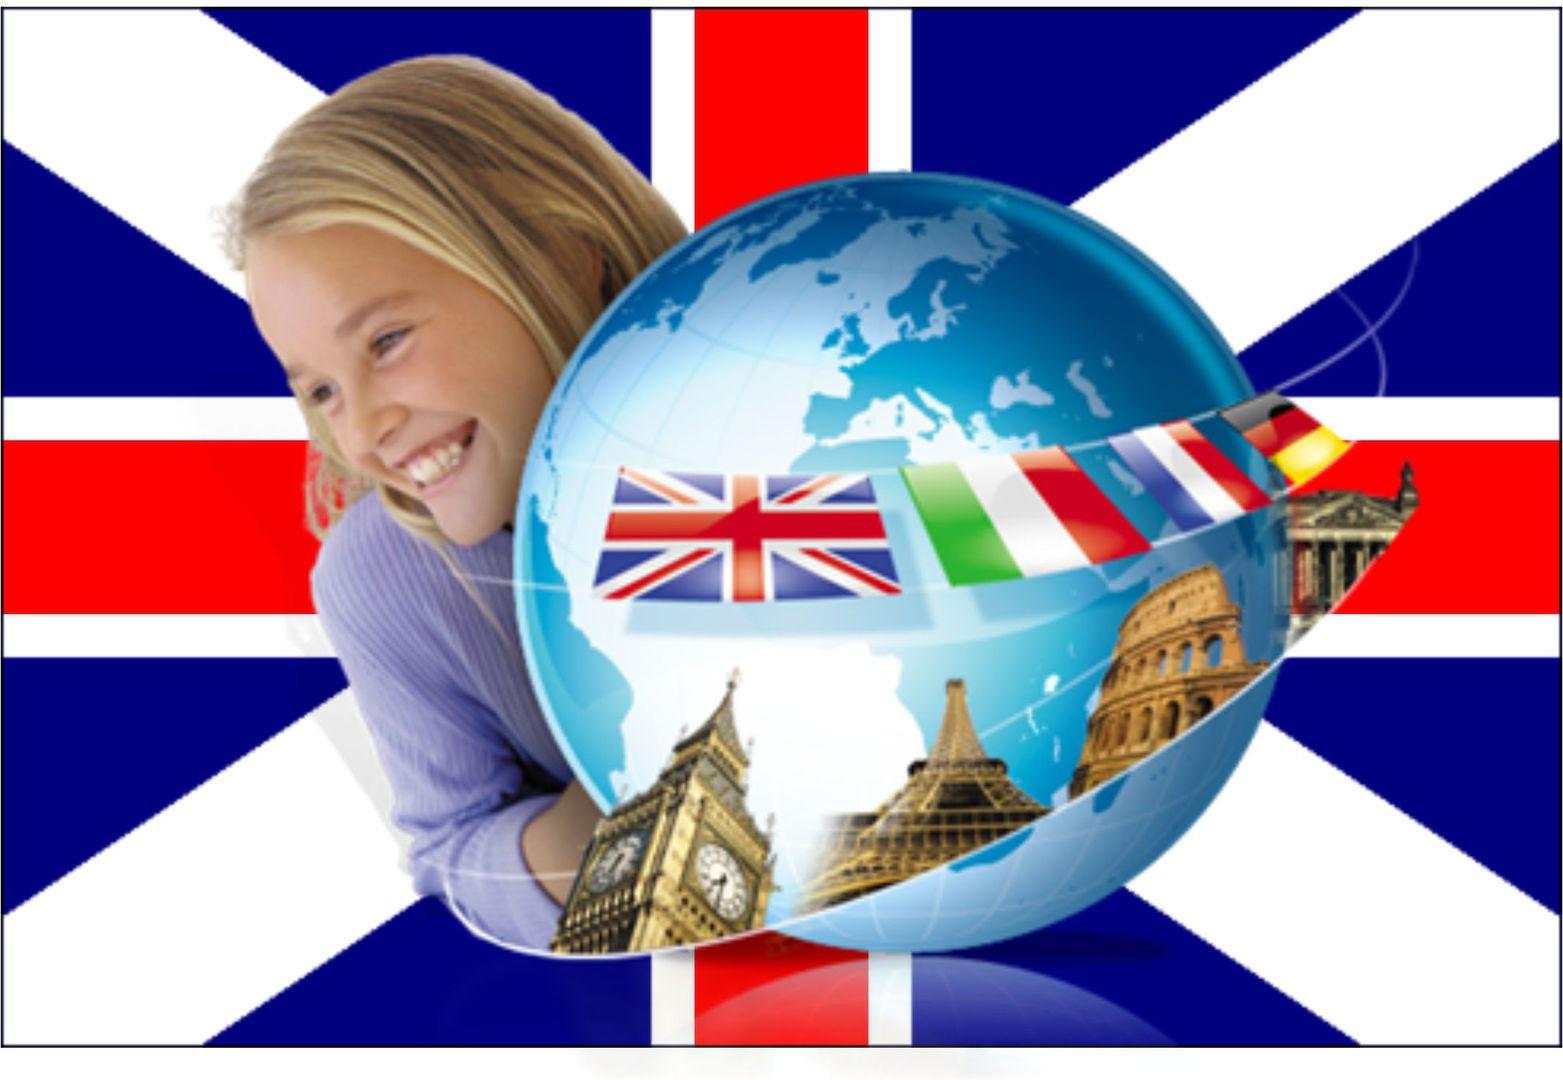 Подготовка к итоговой аттестации по английскому языку (ДПА) в 9 классе